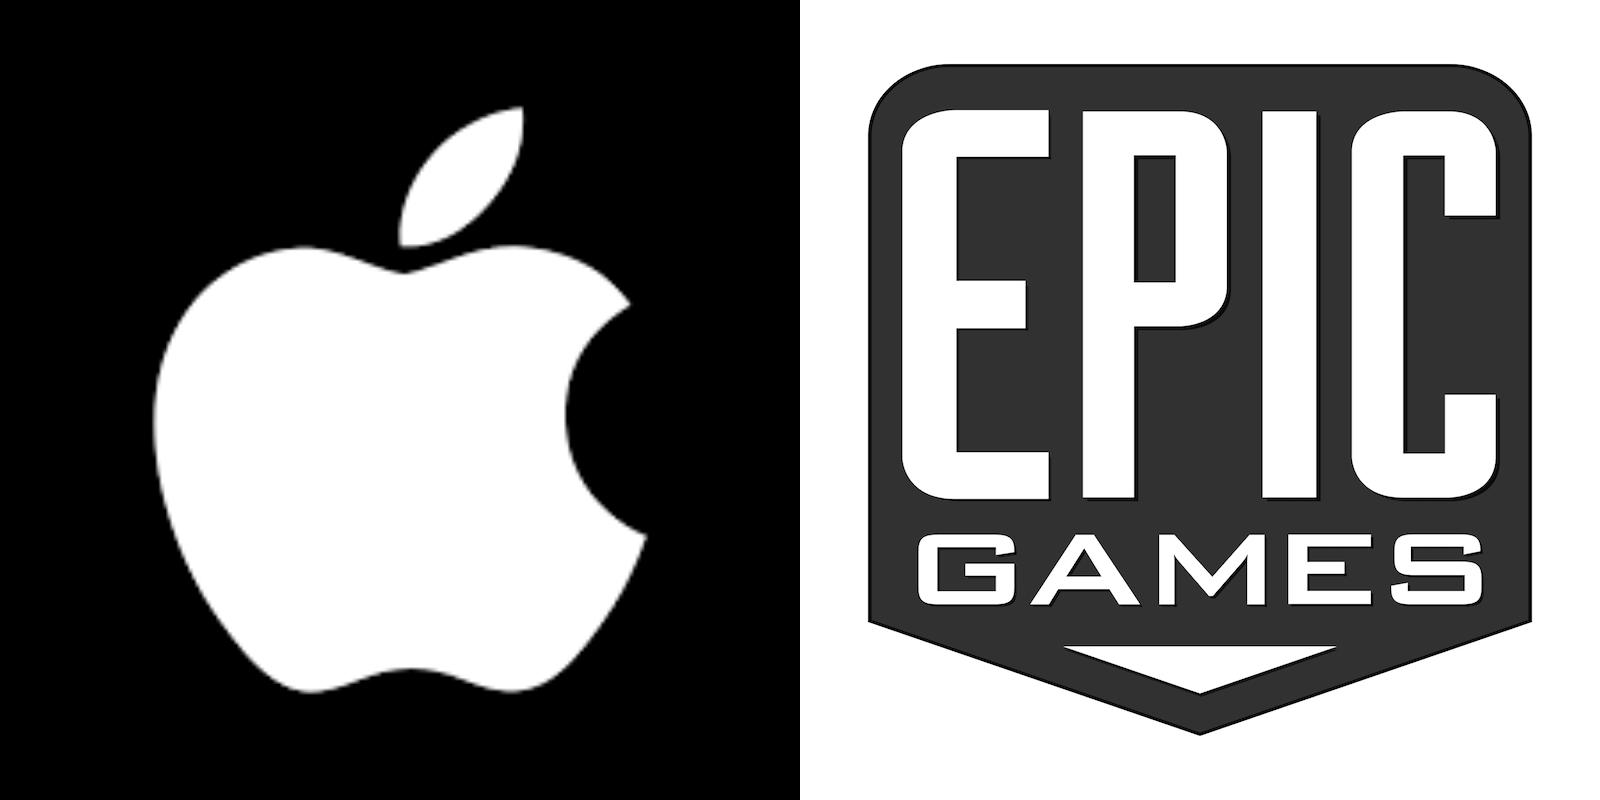 Apple v Epic